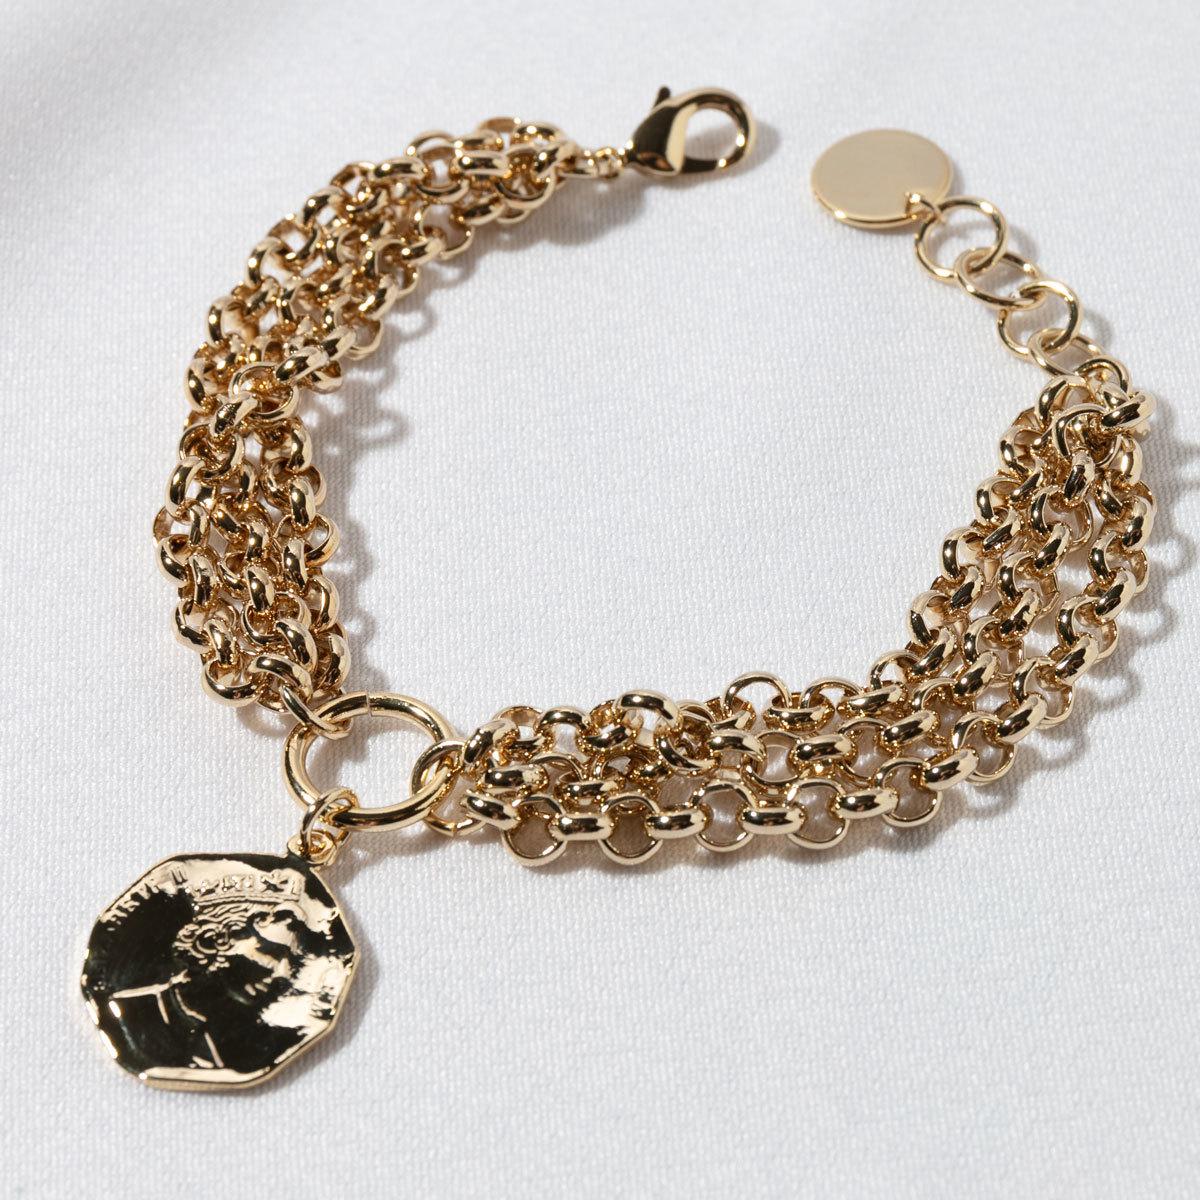 Браслет трехрядный из цепей с монетой (золотистый)